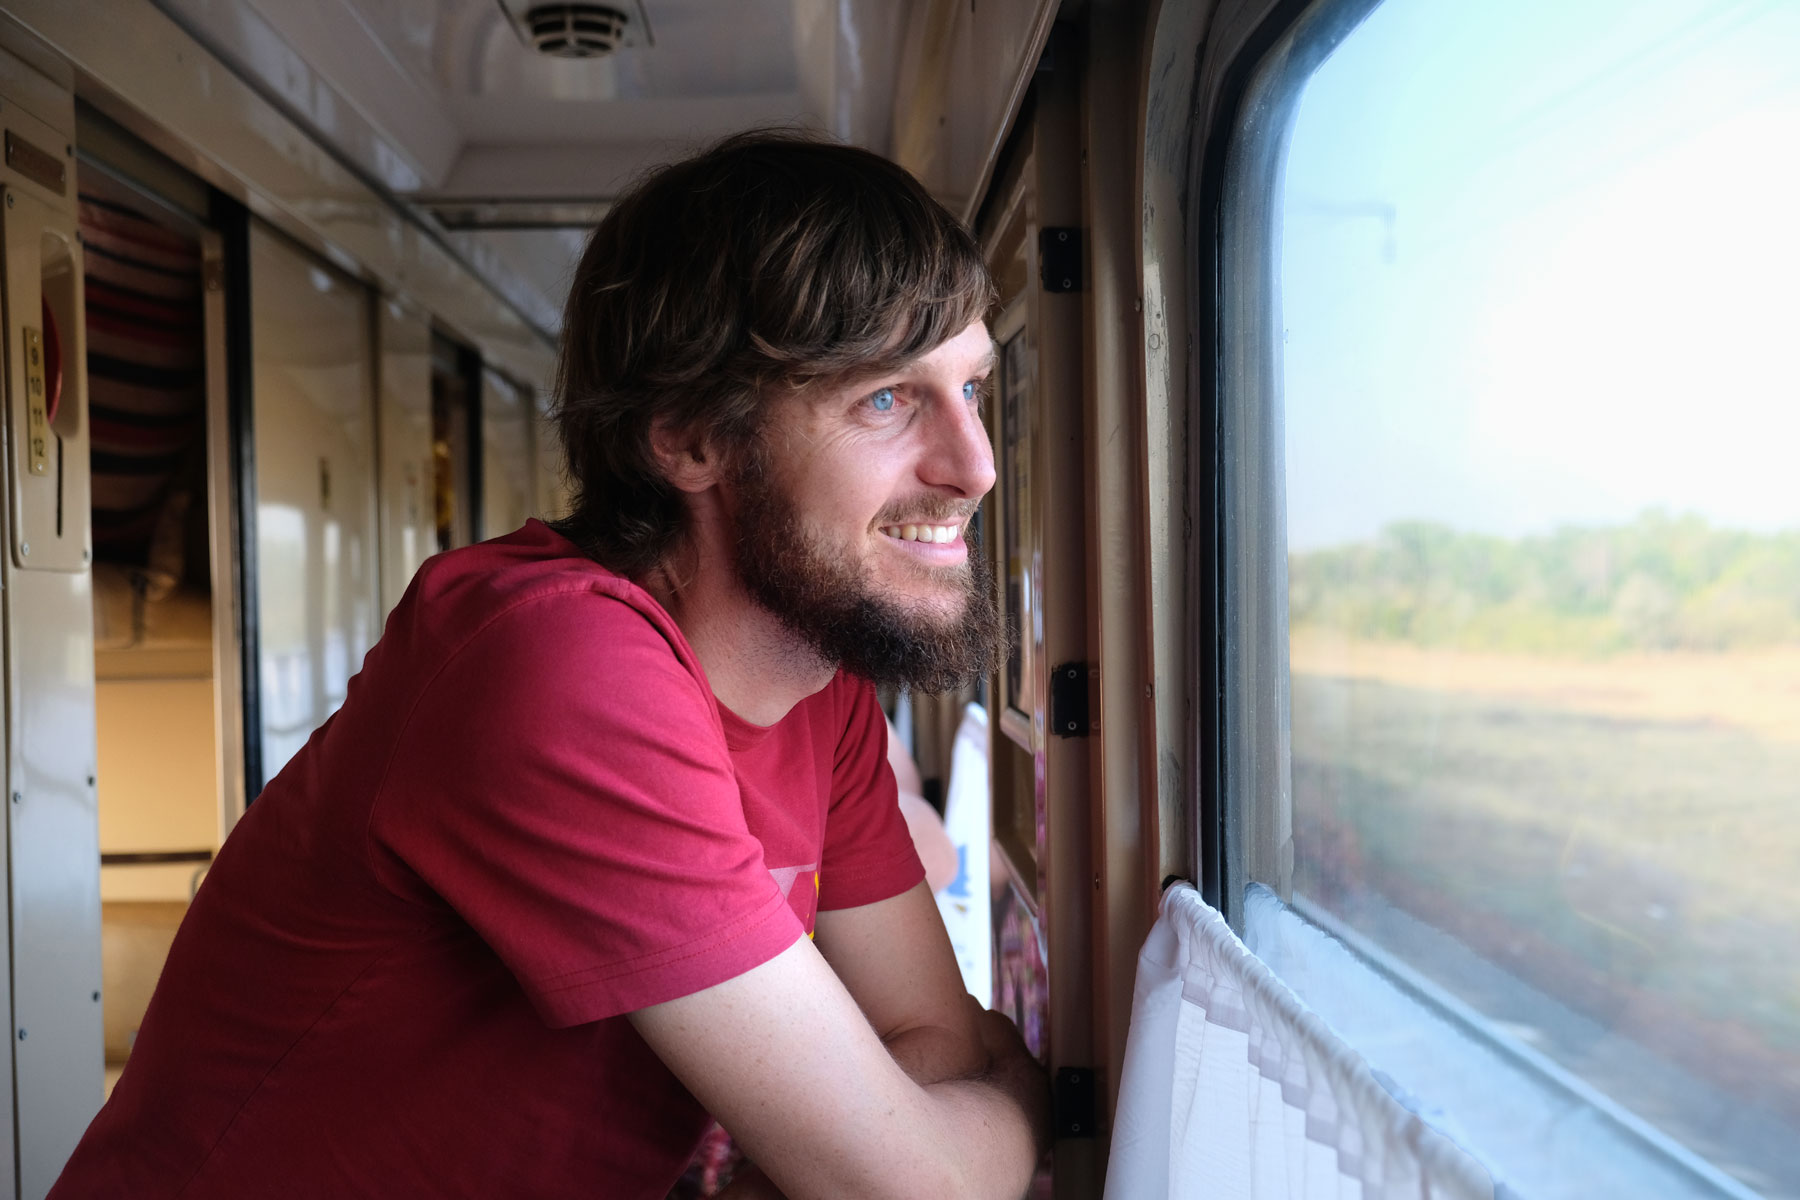 Sebastian schaut aus dem Fenster eines Zugs.